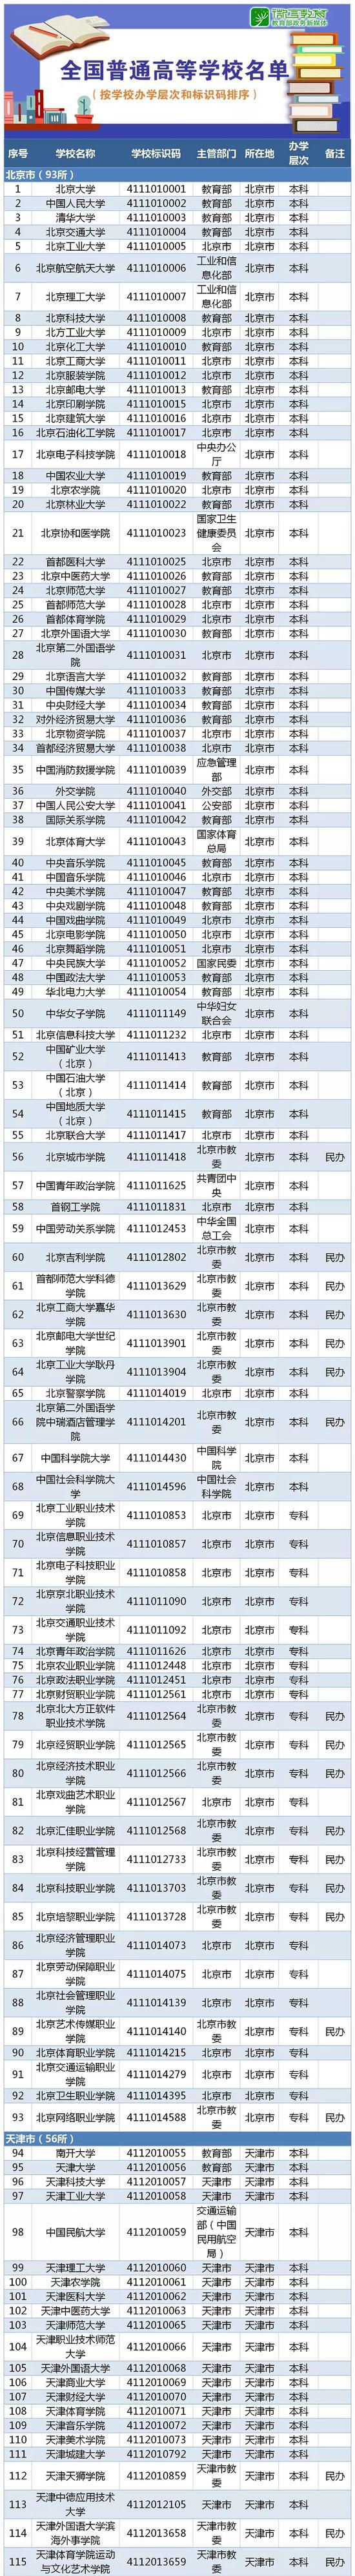 教育部:2019年全国高等学校名单